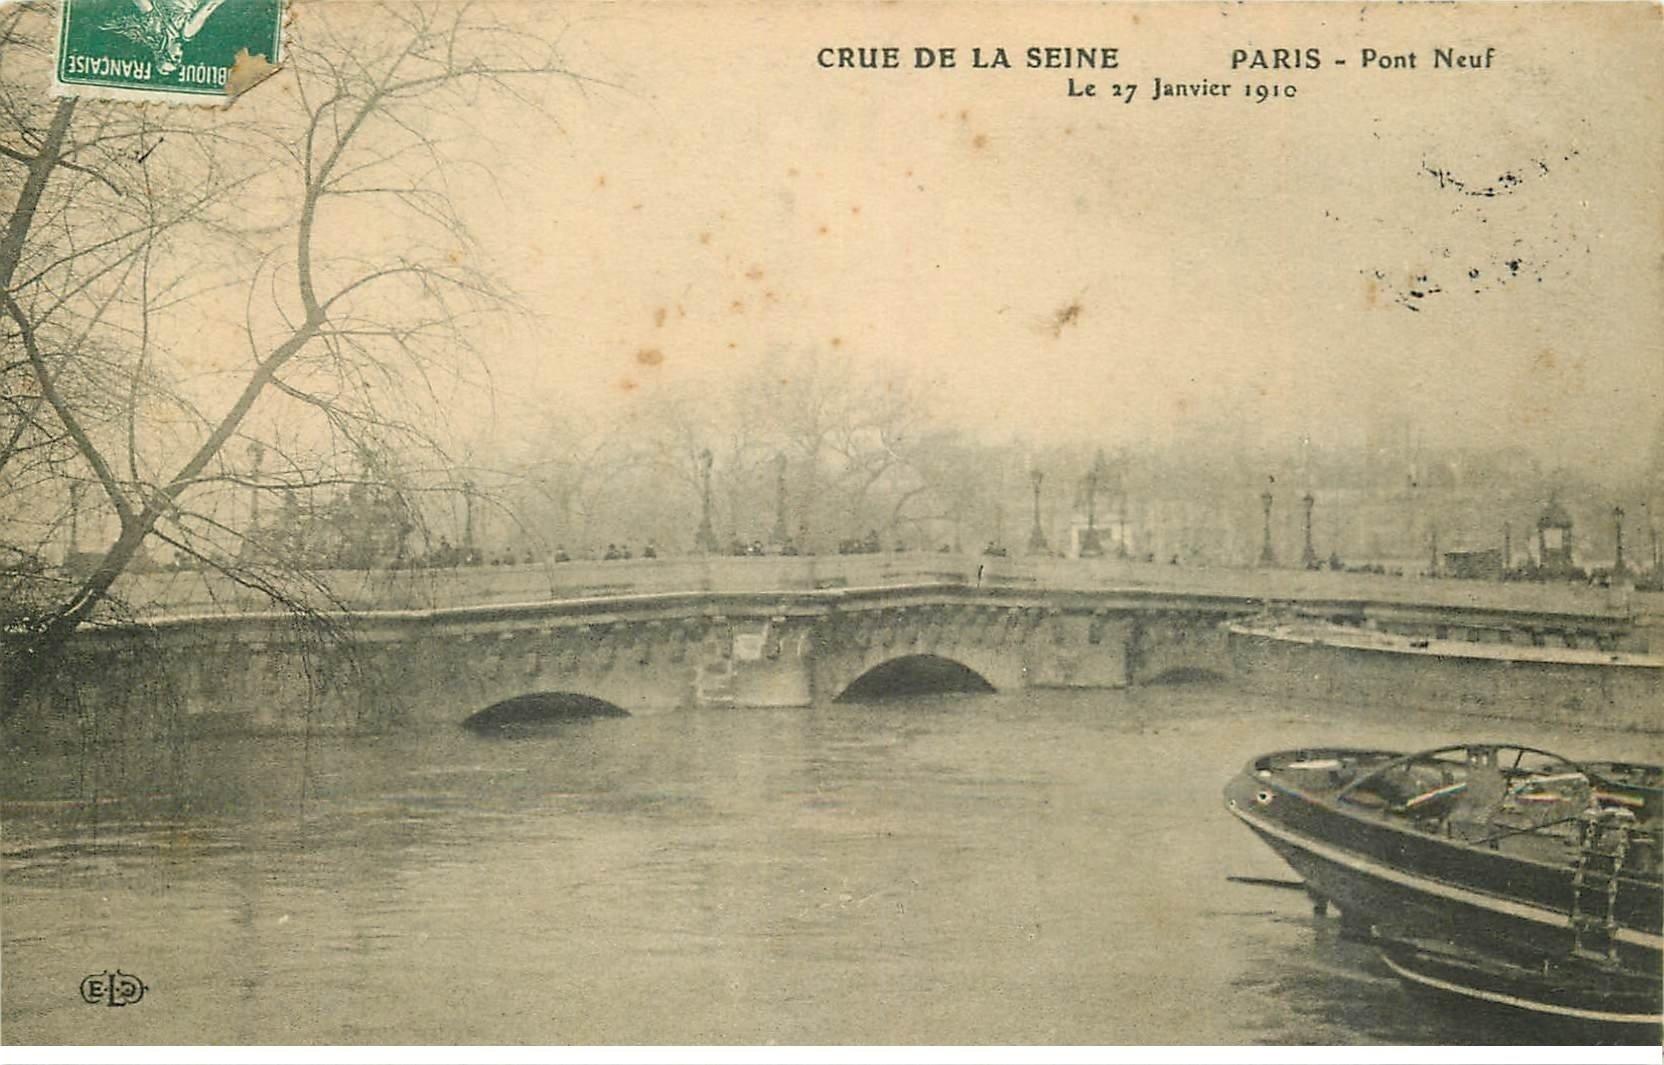 carte postale ancienne INONDATION ET CRUE PARIS 1910. Pont Neuf